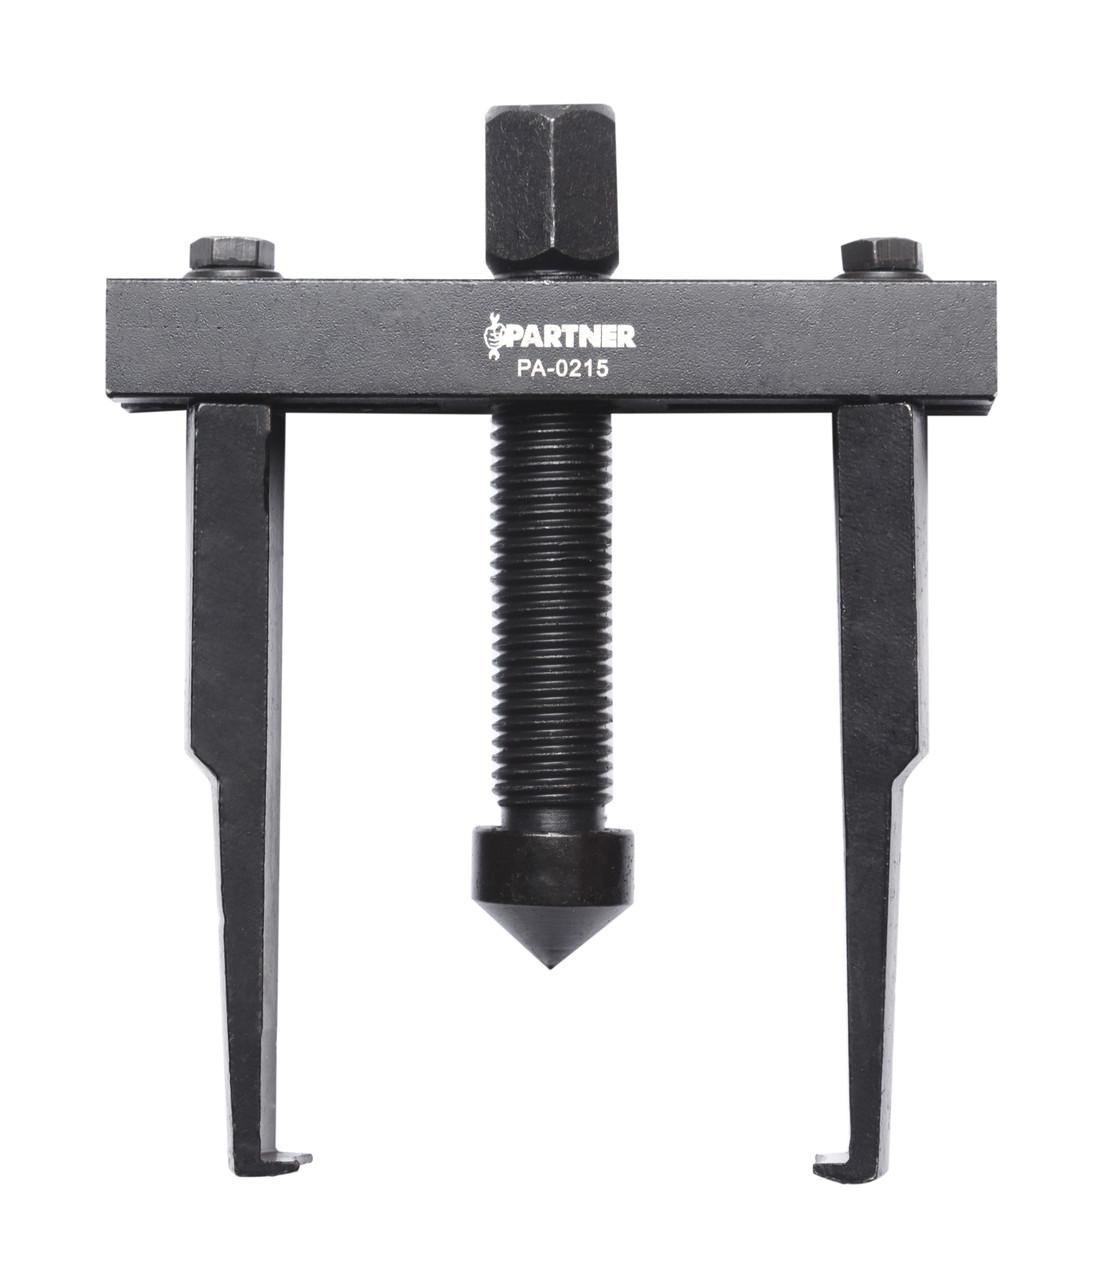 Съемник шестерни коленвала двухзахватный с фиксацией (Ø захвата- 90мм, длина лап-100мм) Partner PA-0215